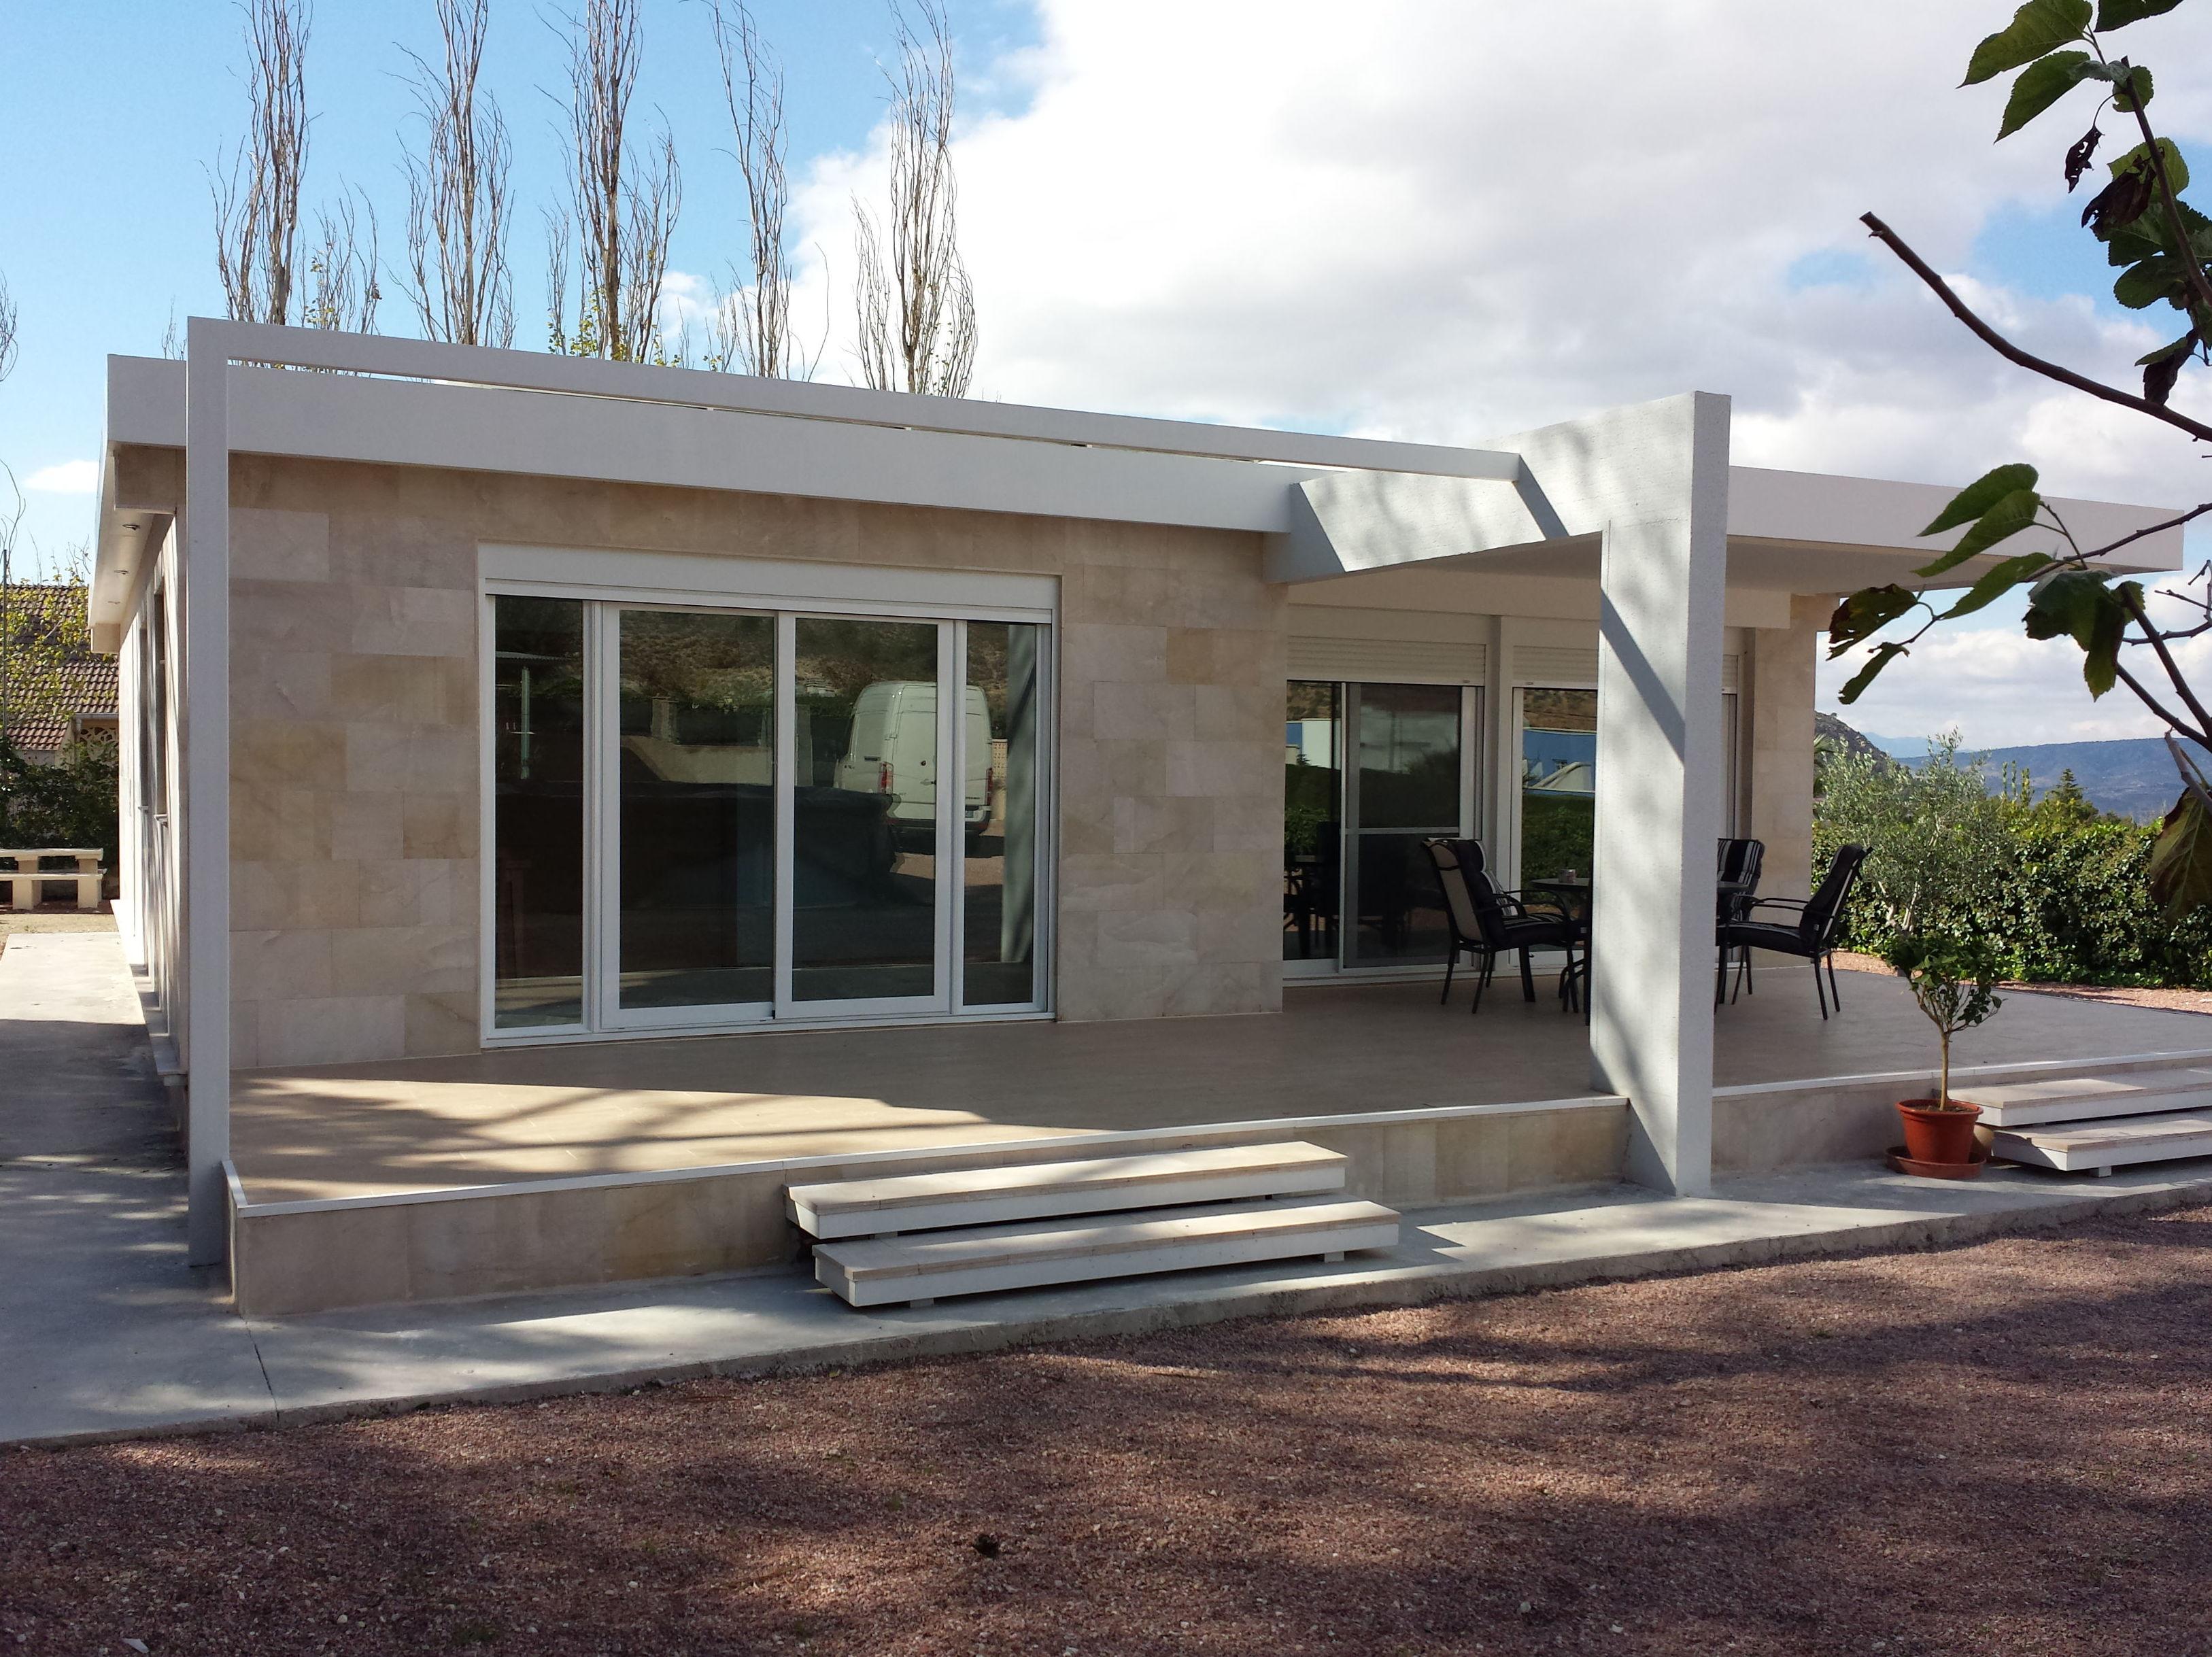 Foto 10 de Casas prefabricadas en Humanes | Wigarma